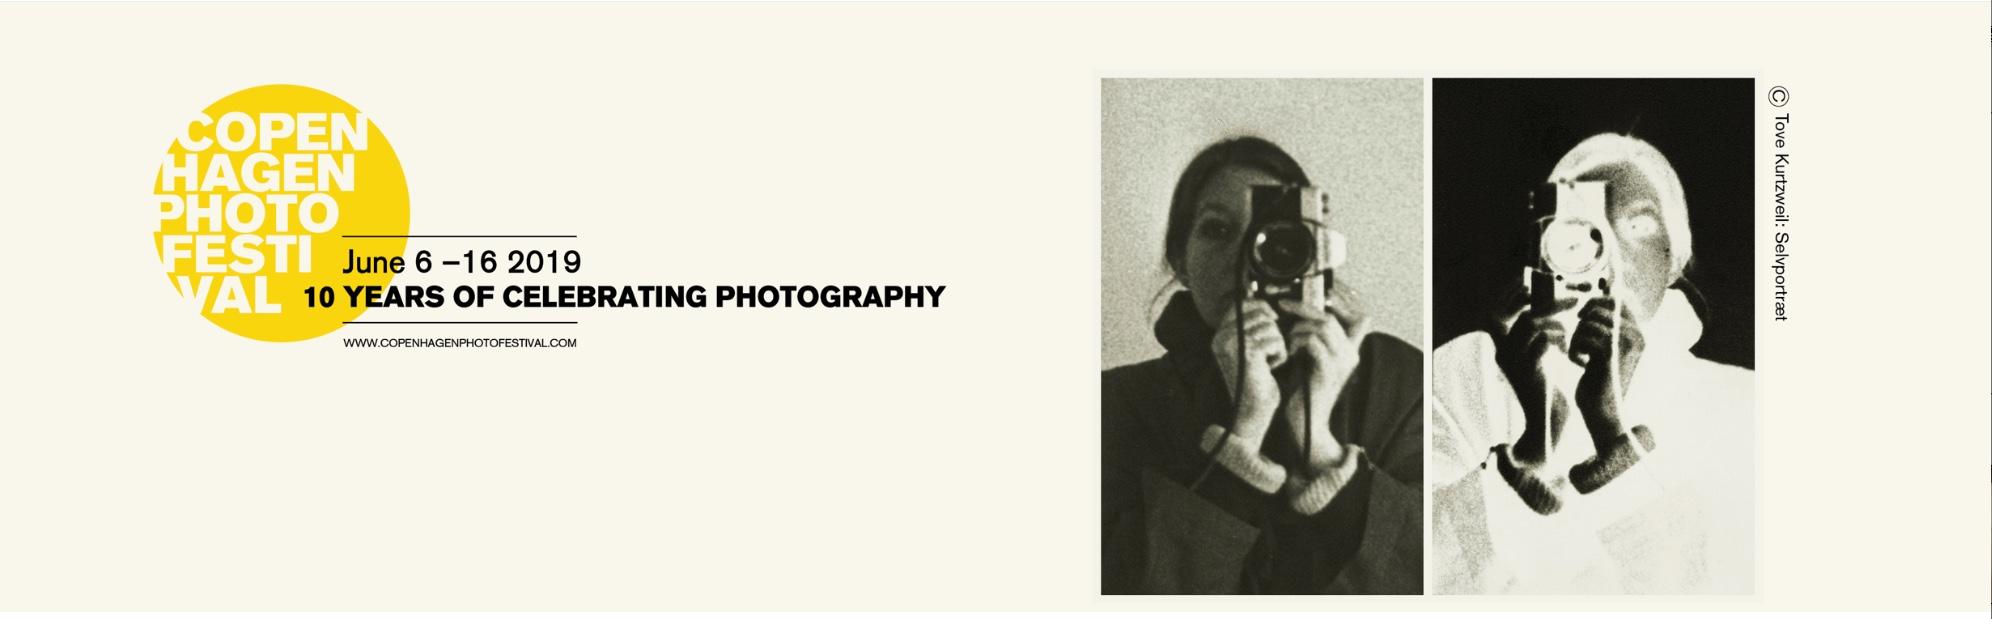 Photo Festival.jpeg